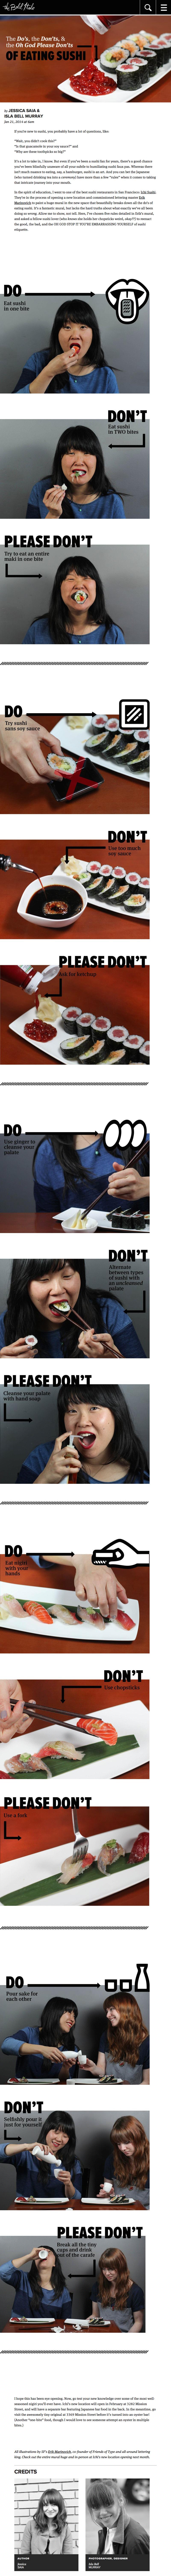 Eating SUshi.png